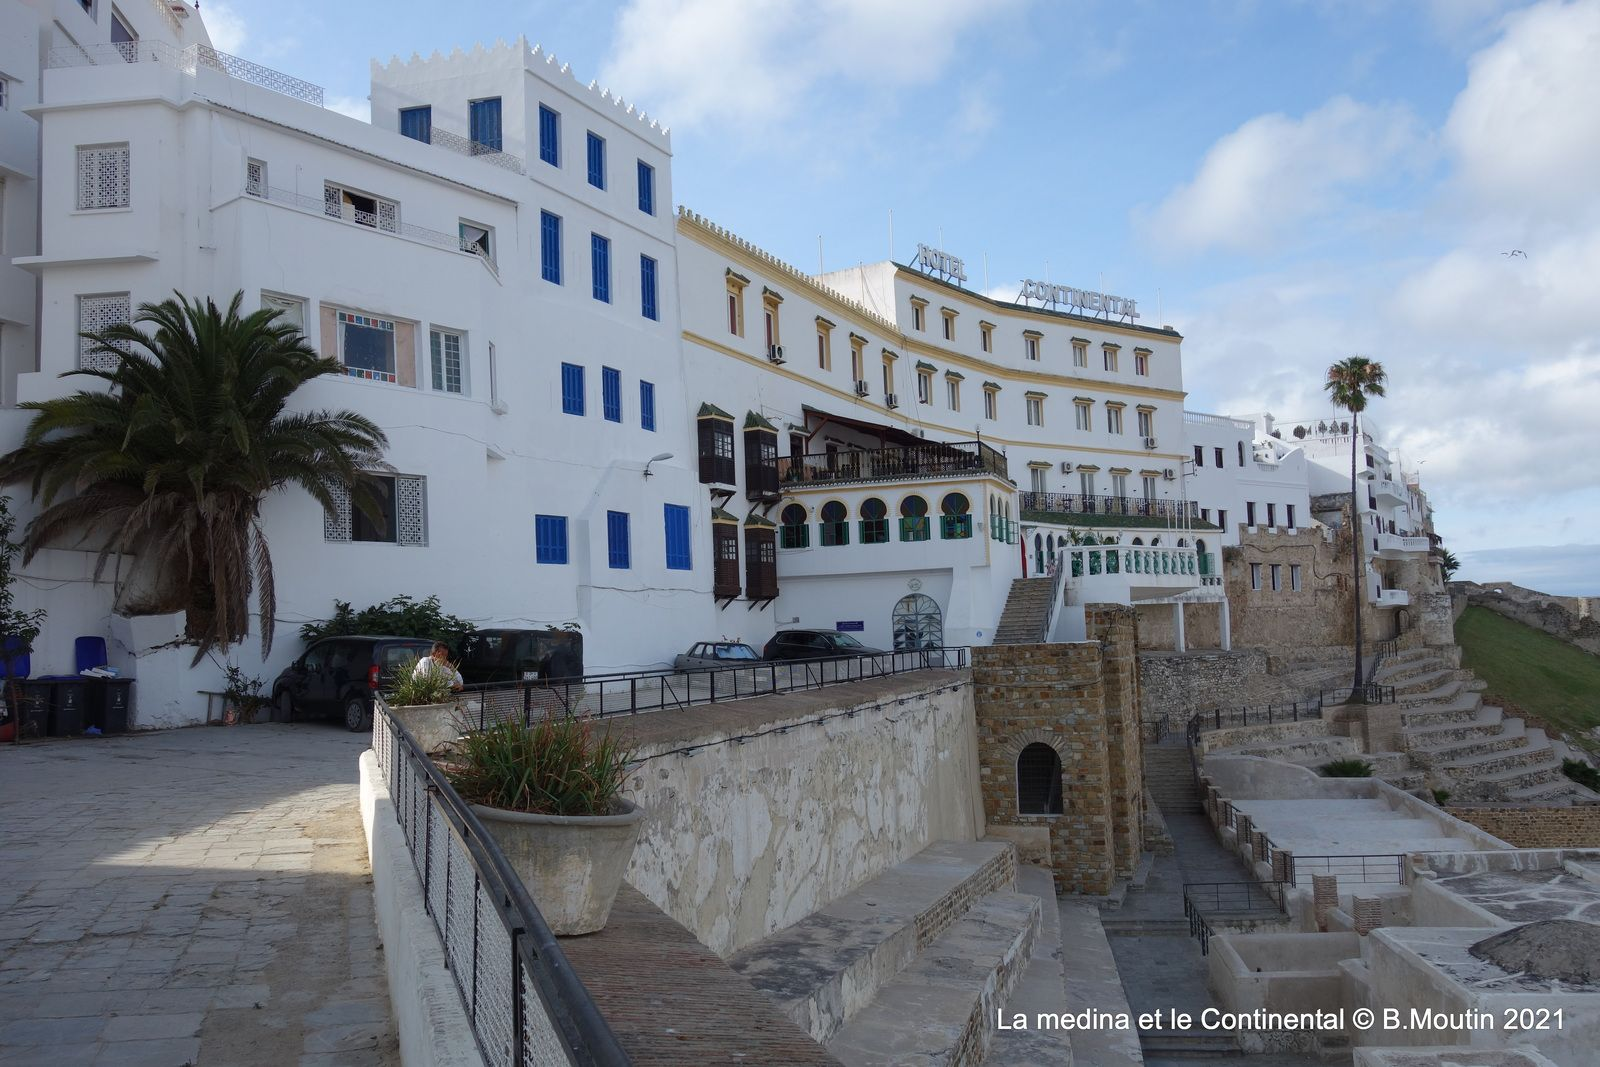 L'aménagement de l'esplanade et la vue sur le Continental (5 photos)